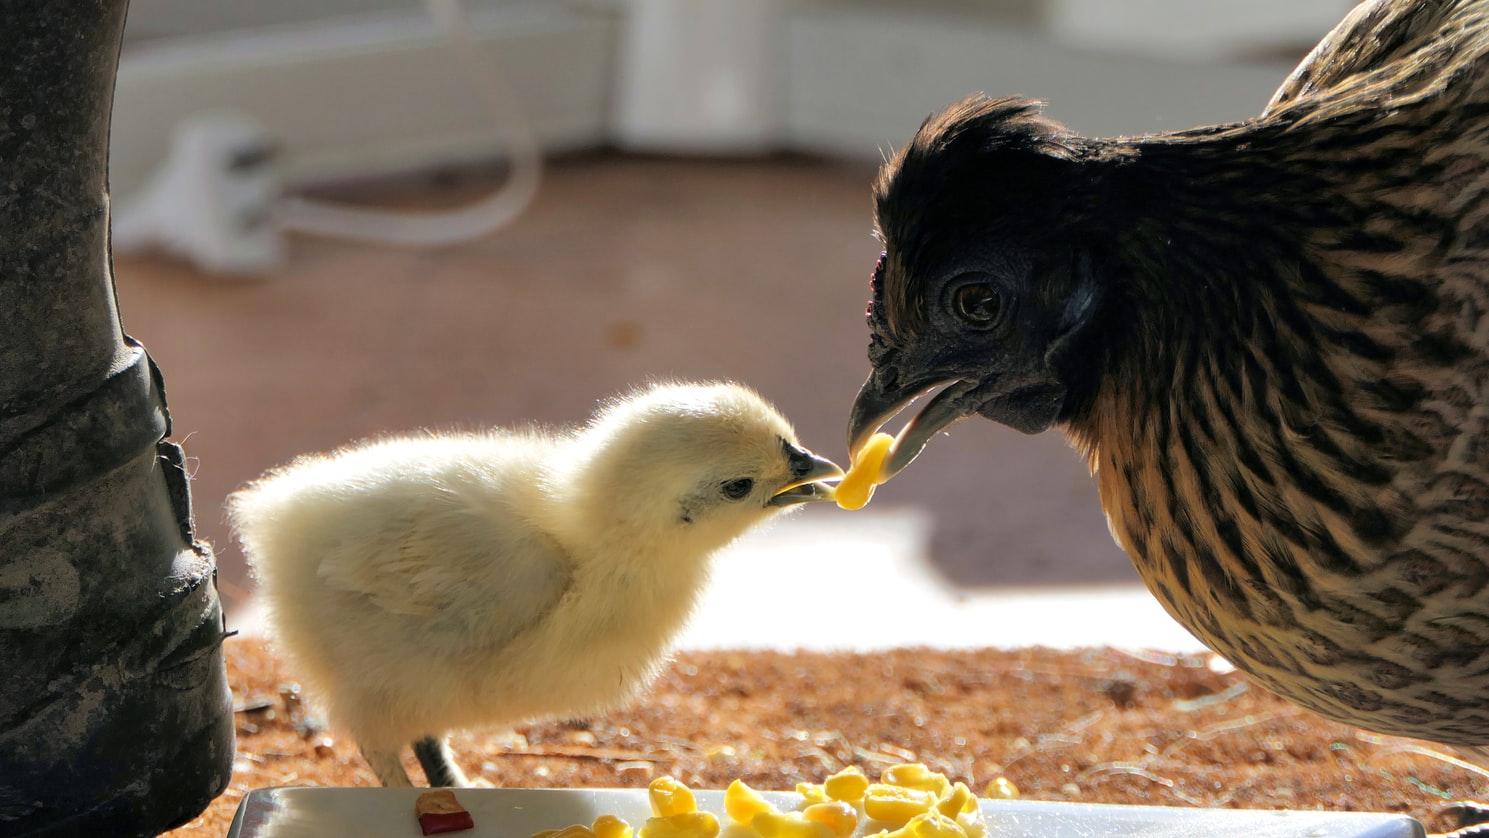 Une poule nourrissant son poussin